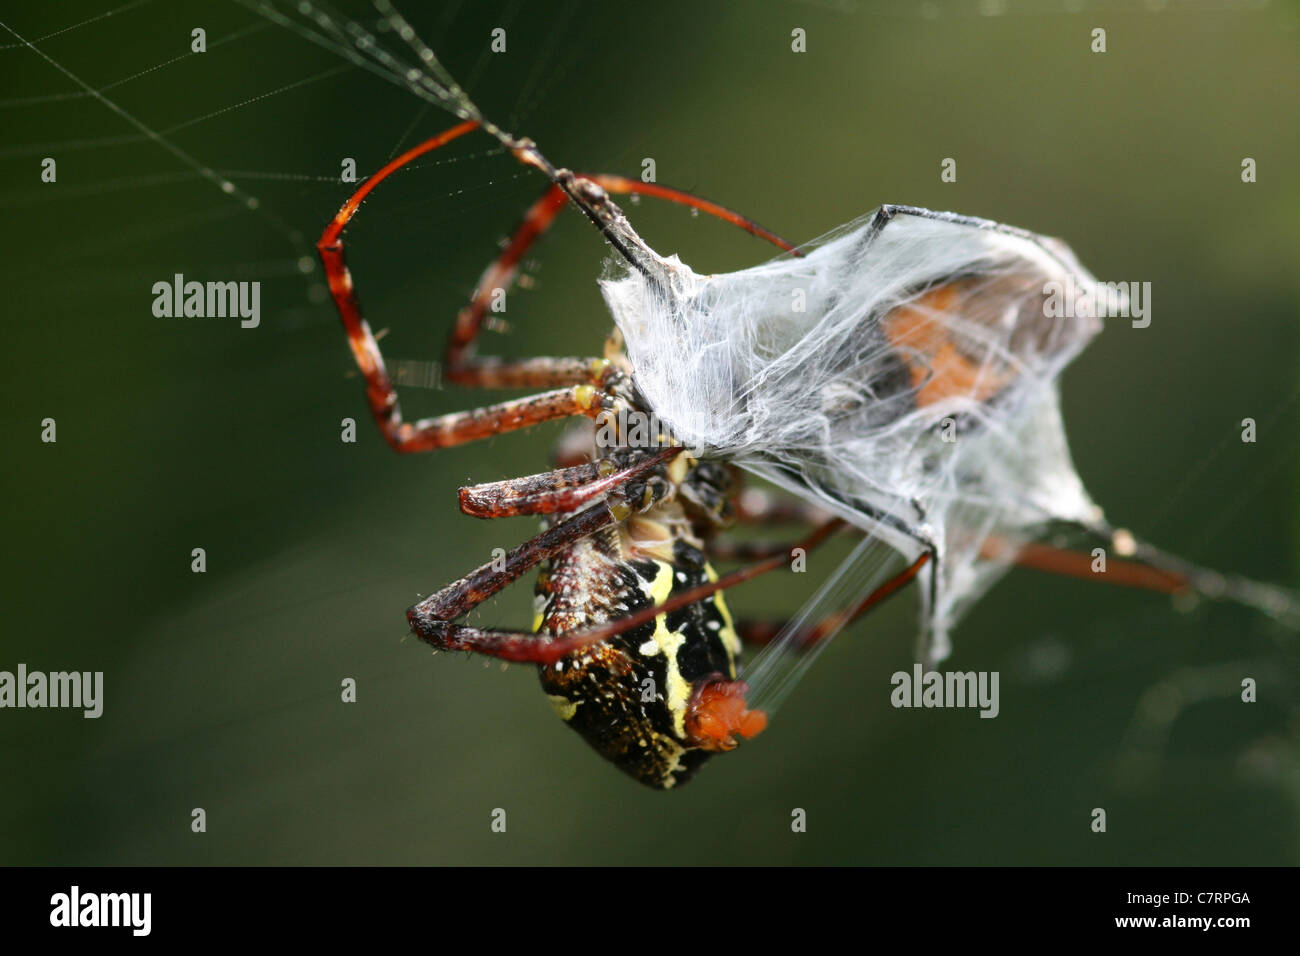 Encapsulates Prey In Its Silken Web